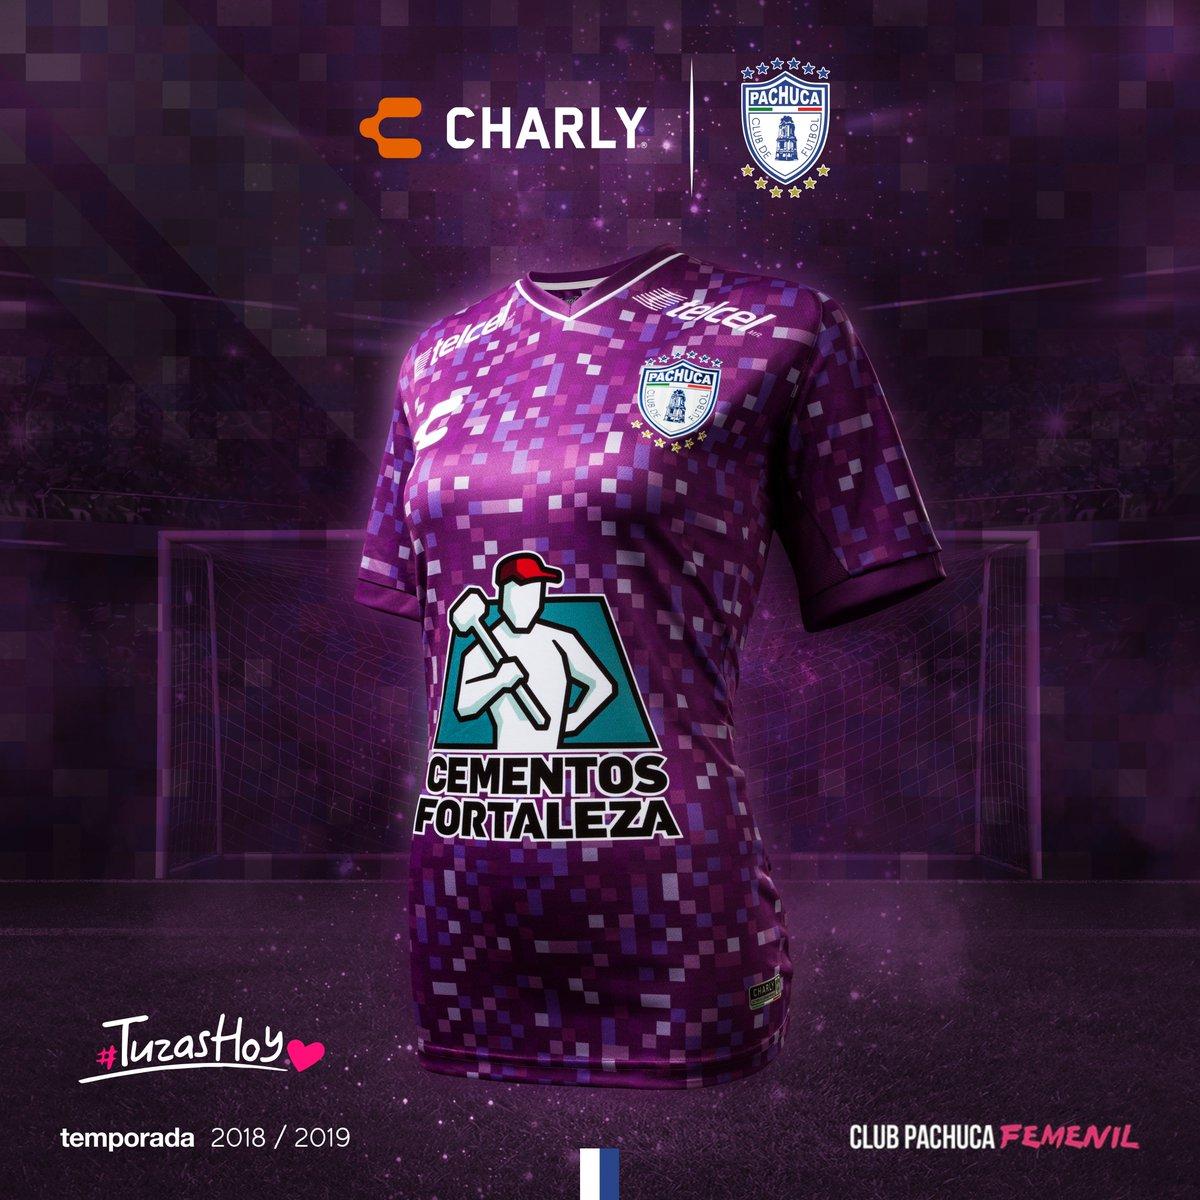 Charly fútbol on twitter jpg 1200x1200 Chidos uniformes de futbol 2018 daf7aba34f491